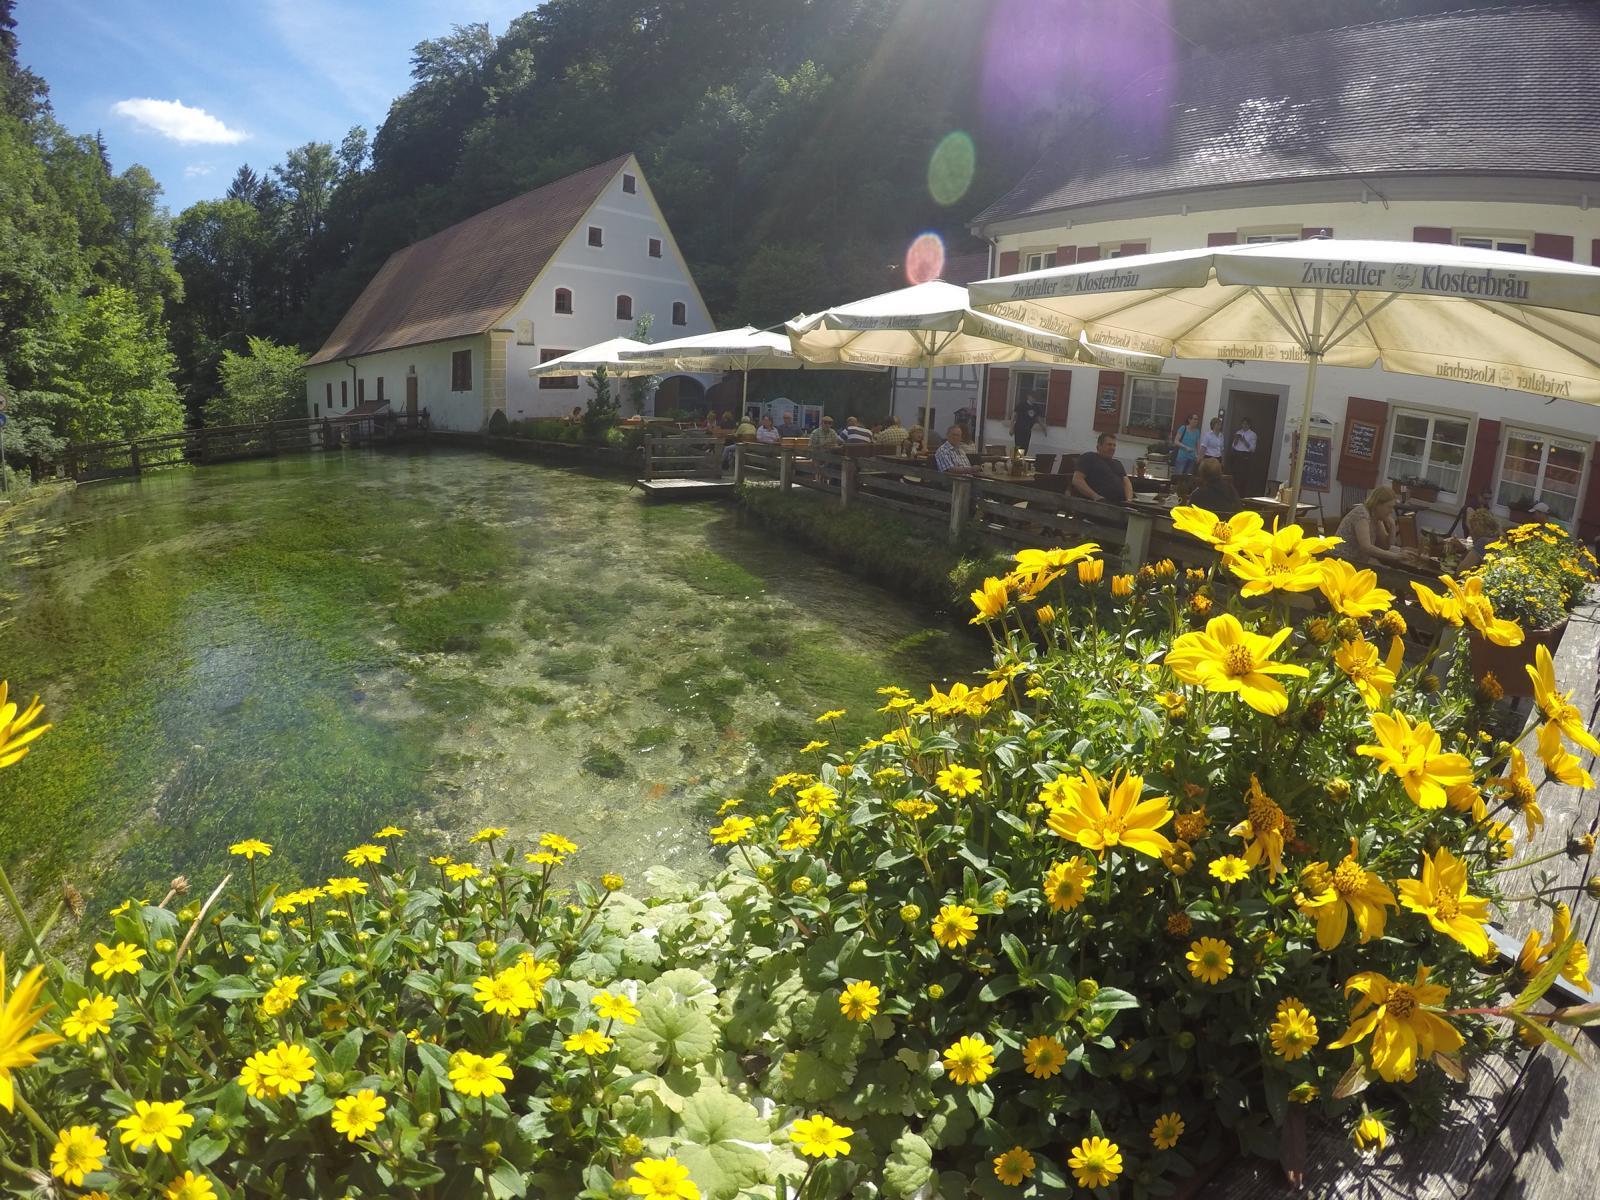 Radreise deutsche donau gasthof friedrichshöhle